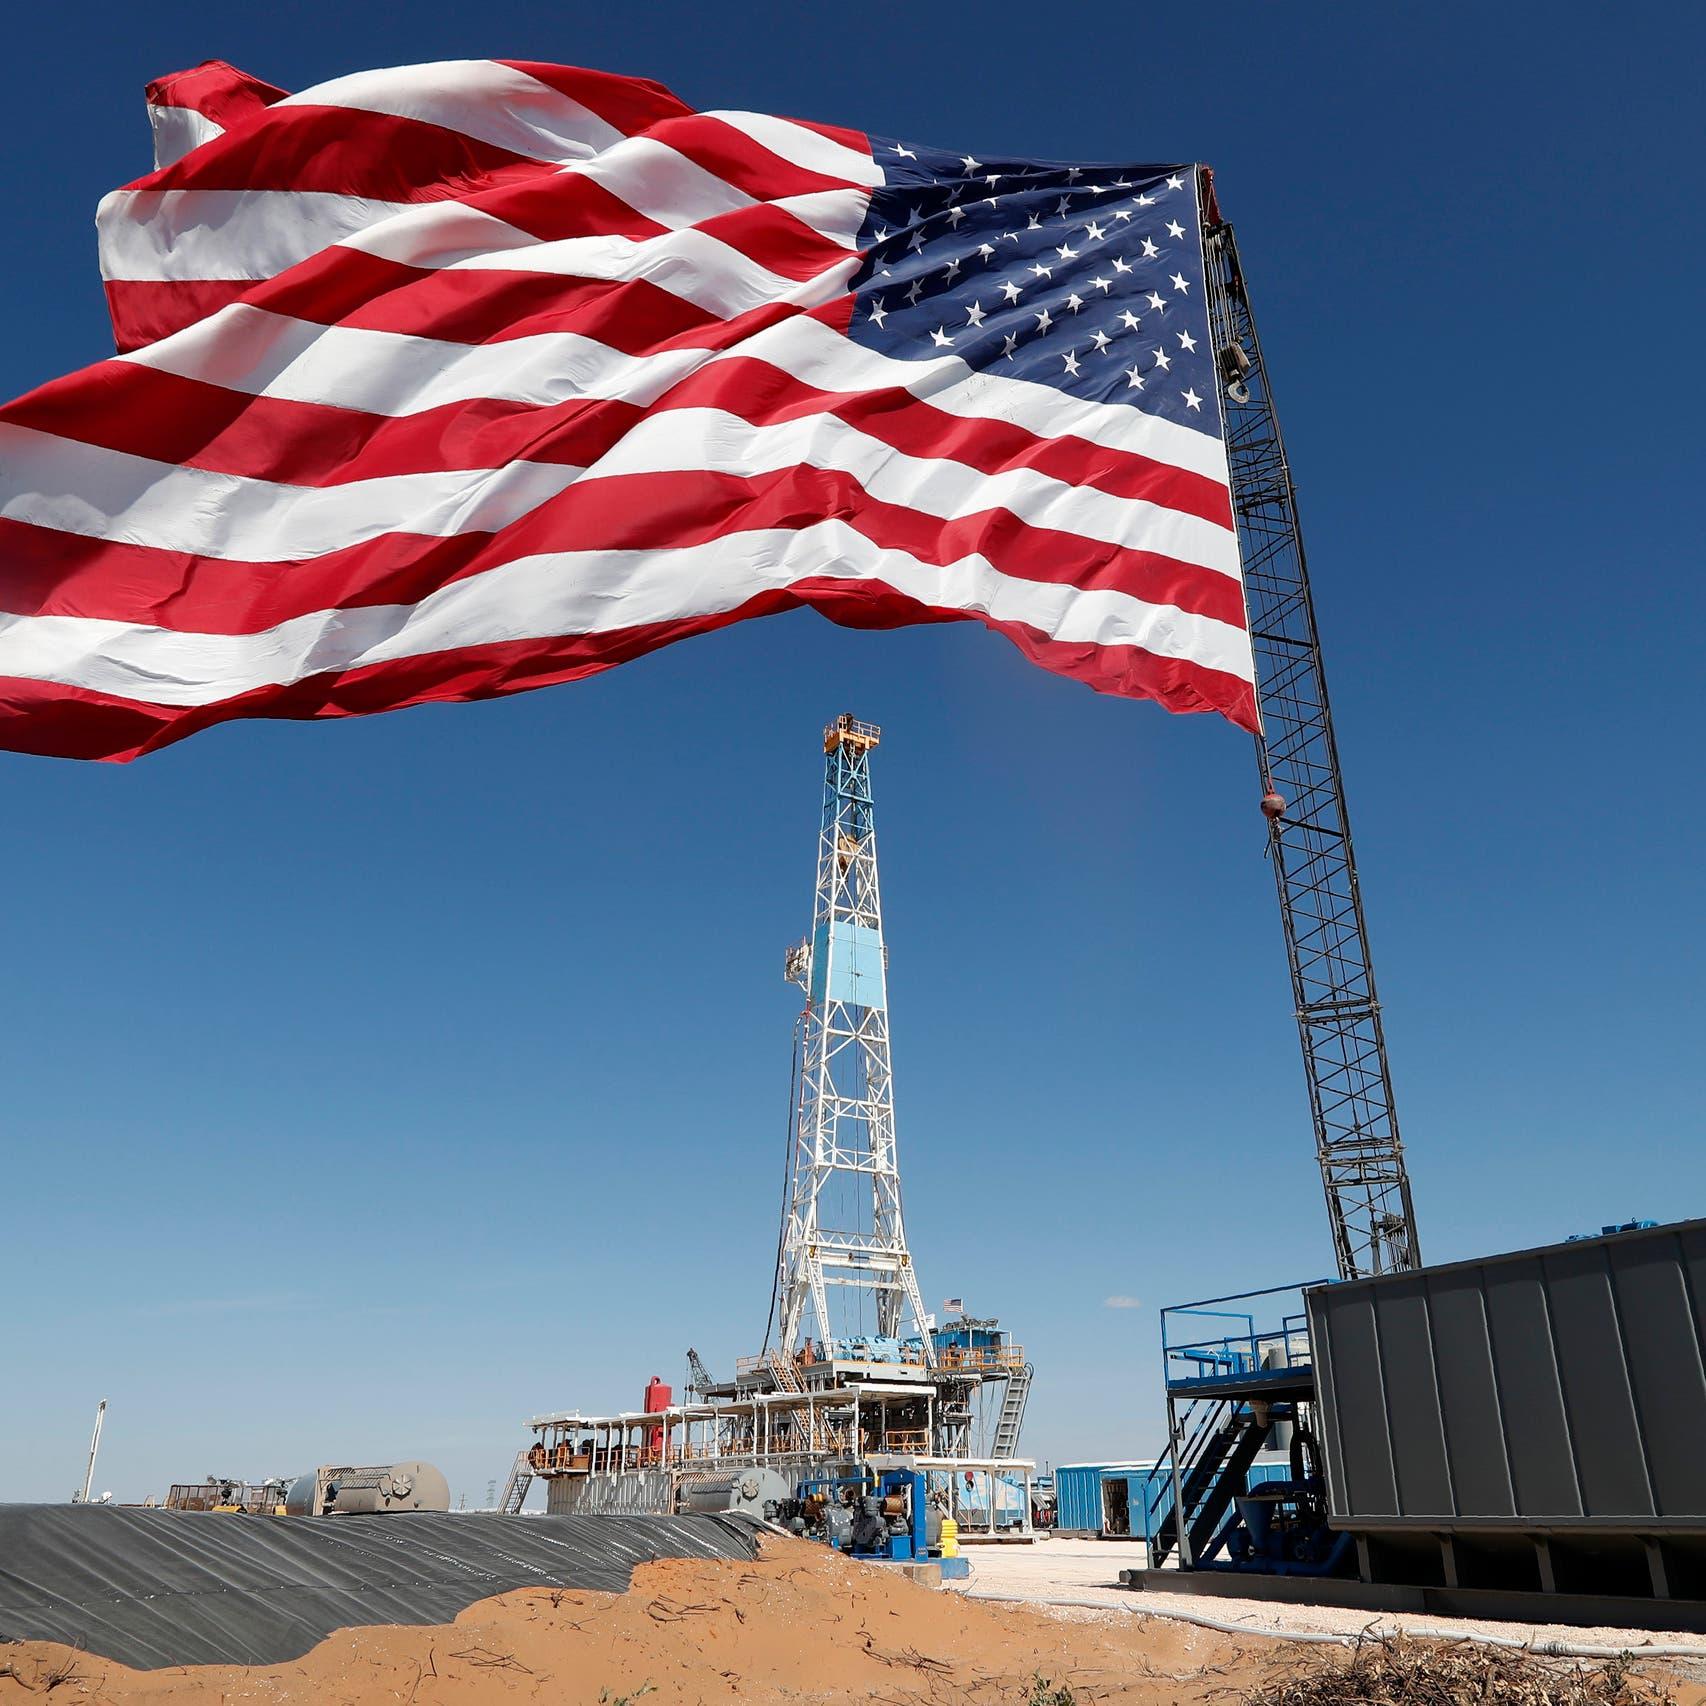 إنتاج النفط الصخري الأميركي قد يهبط لـ7.52 مليون برميل